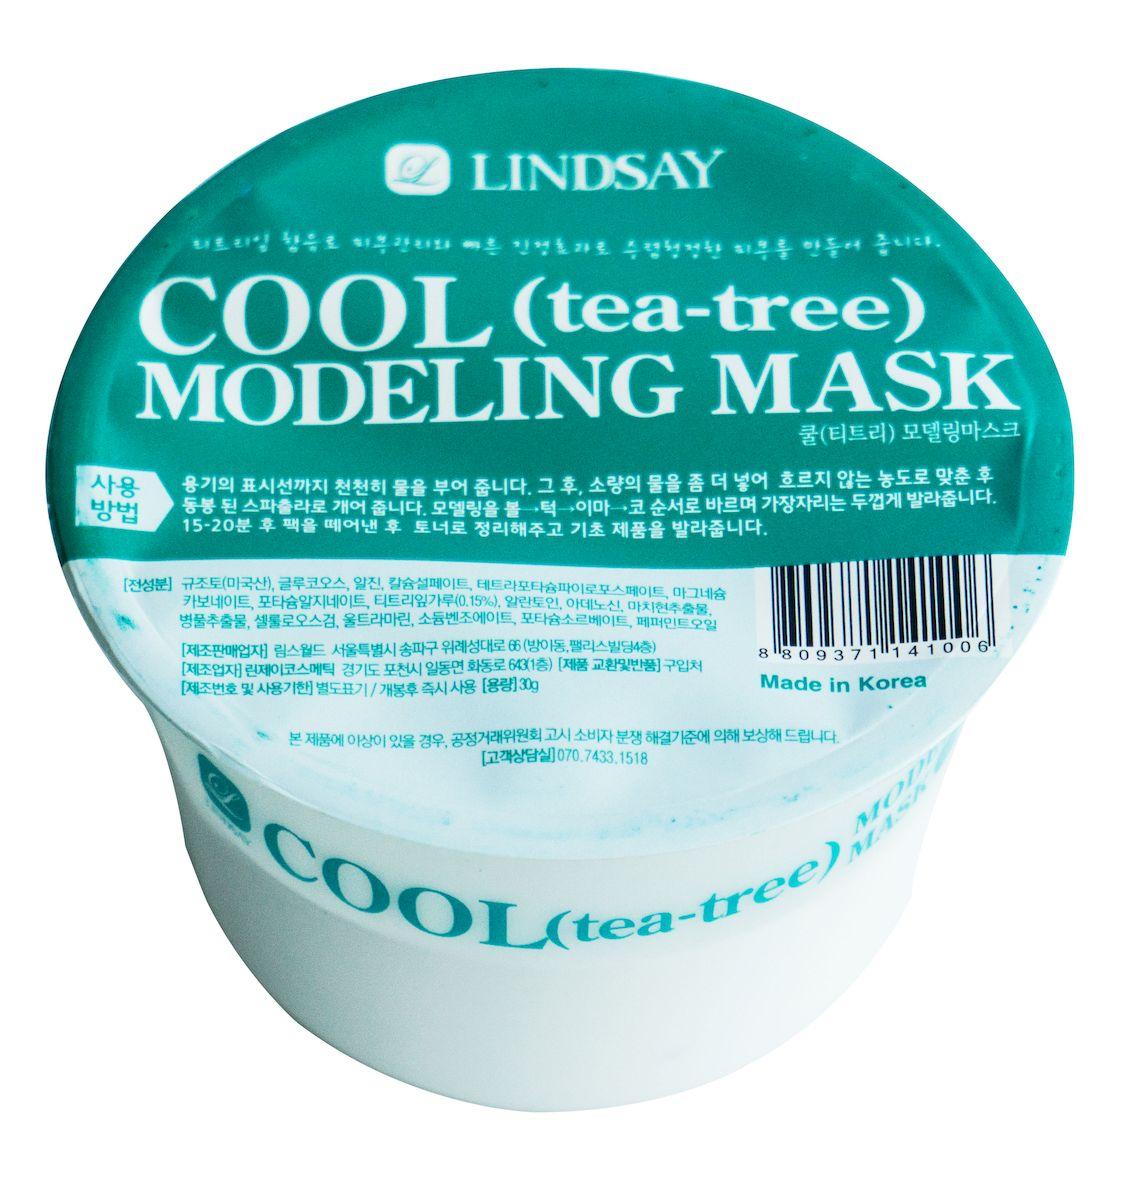 Lindsay Моделирующая альгинатная маска для лица, с экстрактом листьев чайного дерева, 30 гFS-00897Альгинатные маски – популярное в салонах косметическое средство, основа которого – альгин, способствует более глубокому и эффективному проникновению активных компонентов в слои кожи. Листья чайного дерева обладают антиоксидантными, тонизирующими, противовоспалительными и регенерирующими свойствами. Устраняют проблемы чувствительной кожи с акне, регулируя работу сальных желез.Способ применения: 1. Залейте содержимое упаковки водой до установленной метки (линия по периметру упаковки) 2. Размешайте до образования однородной гелеобразной массы 3. Нанесите маску на лицо 3. Оставьте на лице на 15-20 минут 4. Начиная с нижнего края, аккуратно удалите маску с лица.Меры предосторожности: при возникновении раздражения прекратите использование и обратитесь к дерматологу. При попадании продукта в глаза обильно промойте их водой. Храните в защищенном от прямых солнечных лучей месте, недоступном для детей.Состав: Диатомовая земля, глюкоза, альгин, сульфат кальция, пирофосфат калия, карбонат магния, альгинат калия, порошок листьев чайного дерева (0,15%), аллантоин, аденозин, экстракт портулака огородного, экстракт центеллы азиатской, карбоксиметилцеллюлоза, ультрамарин, бензоат натрия, сорбат калия, масло мяты перечной.